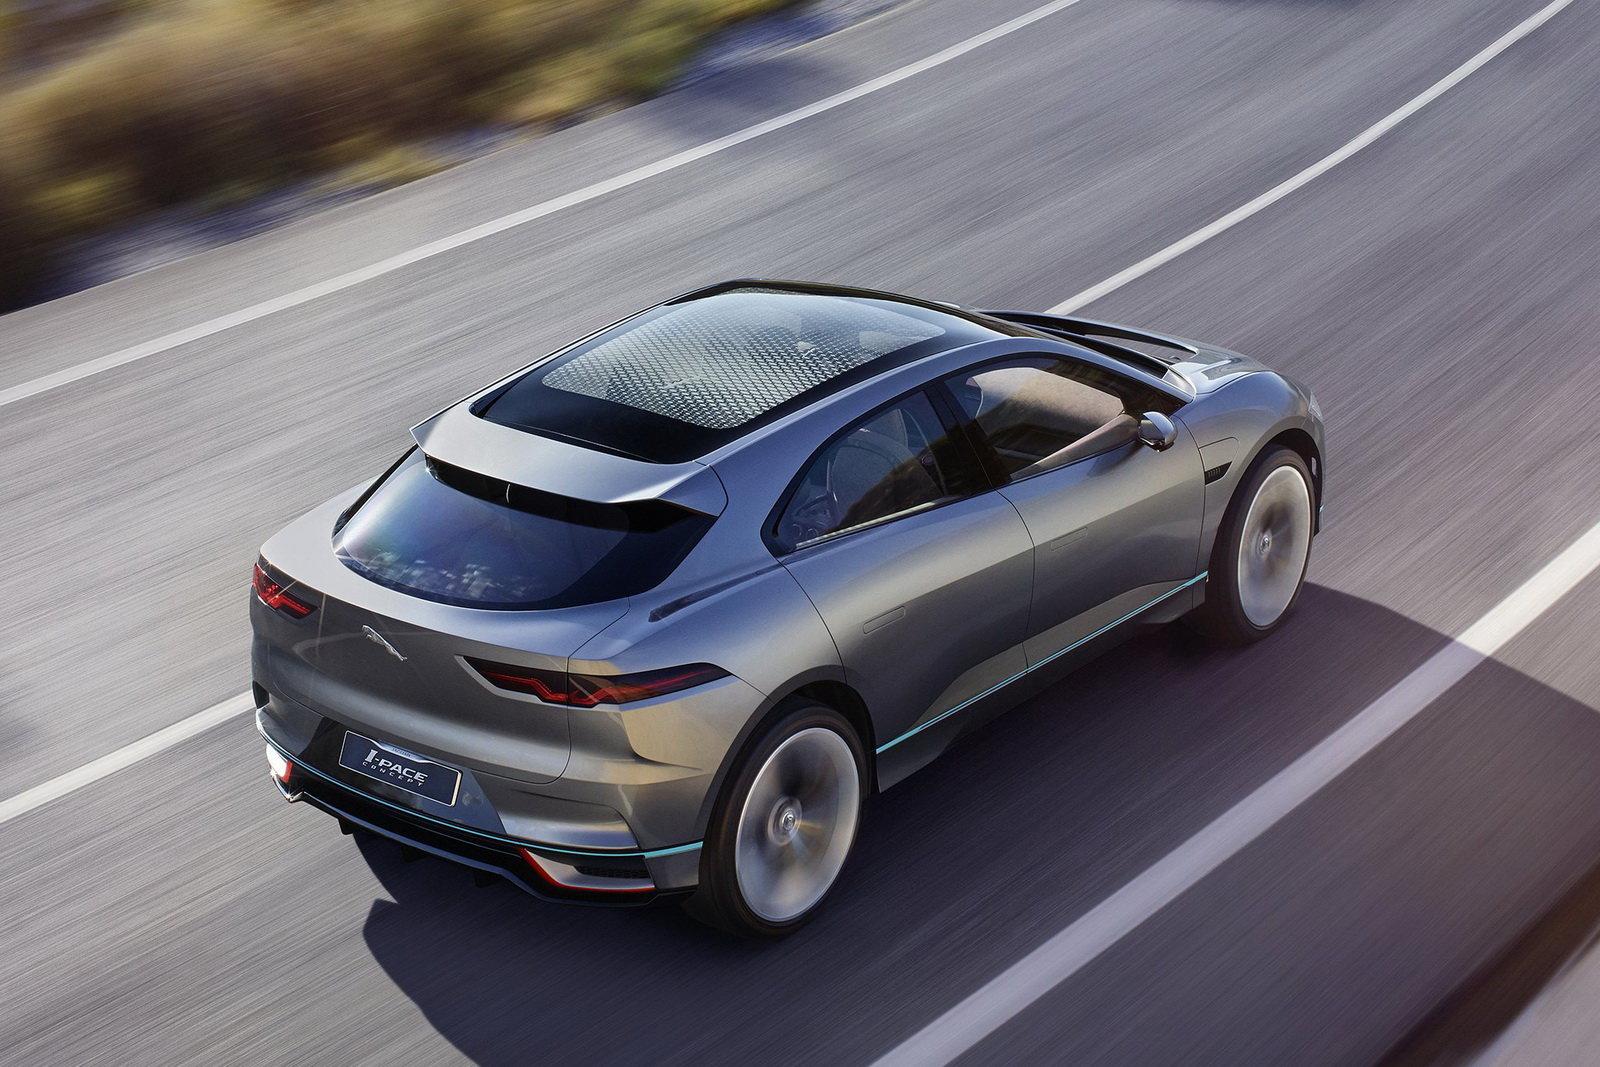 Schema Elettrico Jaguar Type : Foto jaguar i pace prove di crossover elettrico